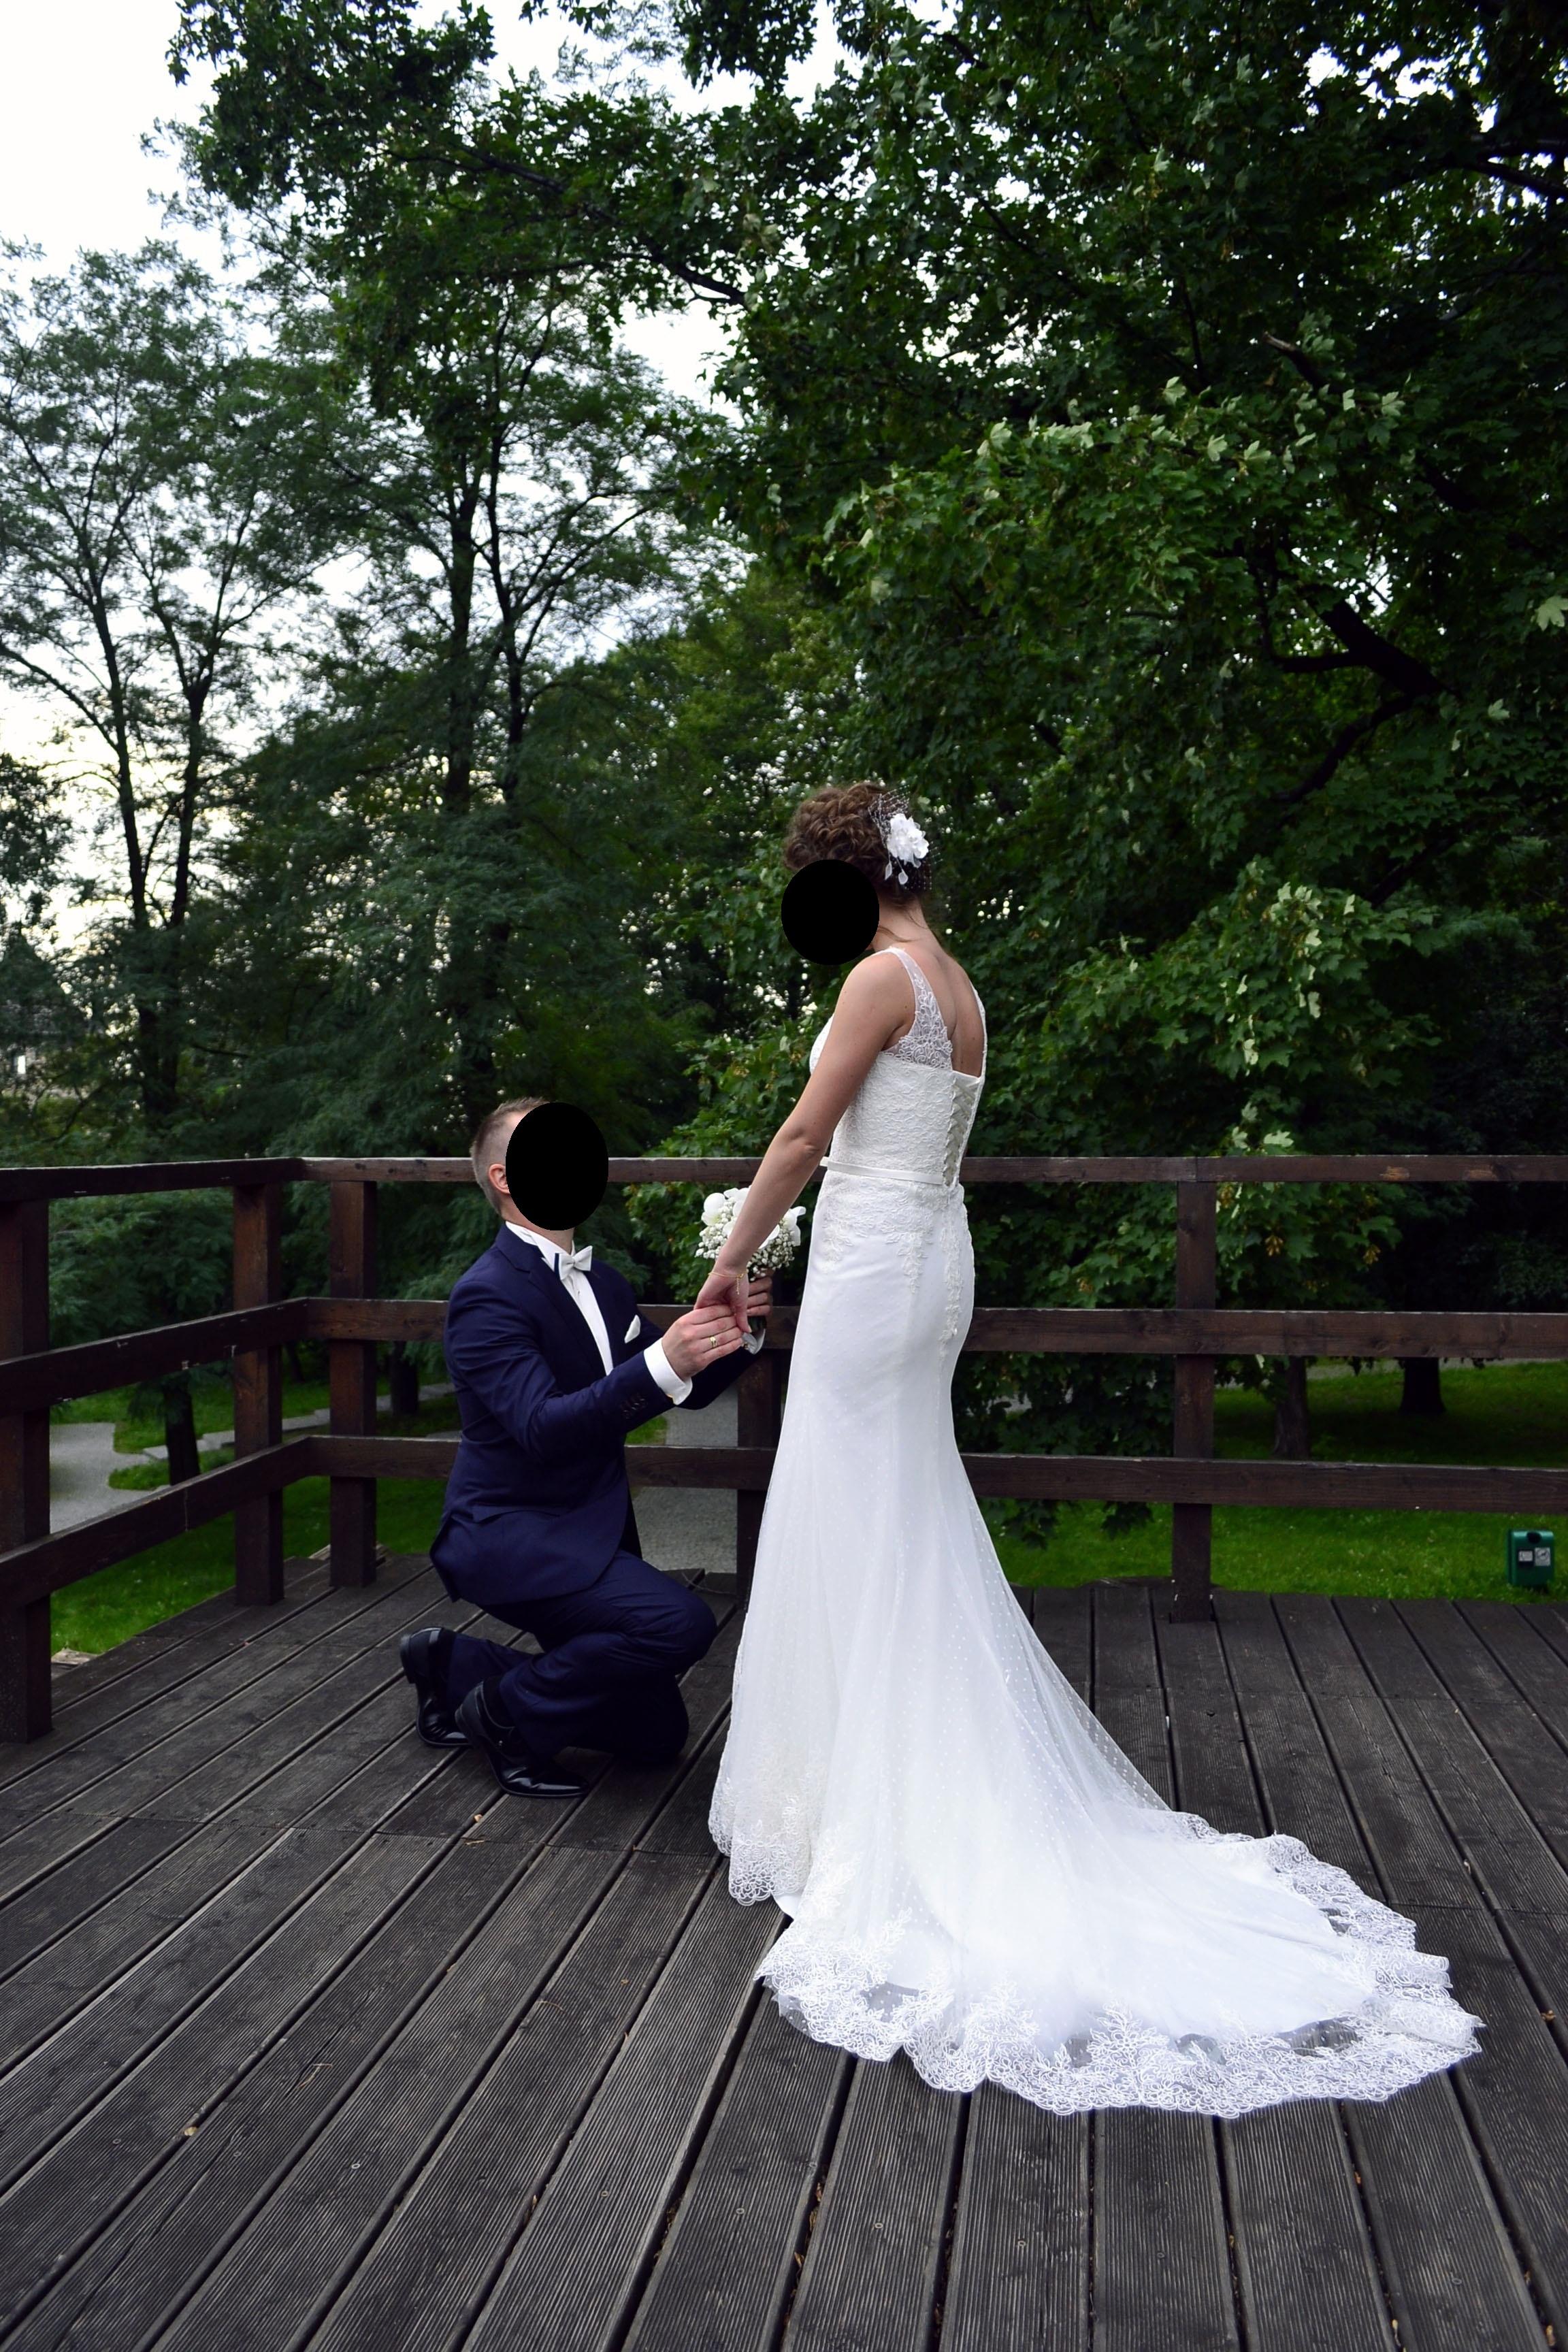 a5cbabe19b Suknia ślubna w kolorze ecru w rozmiarze xs s - Czeladź - Śląskie ...